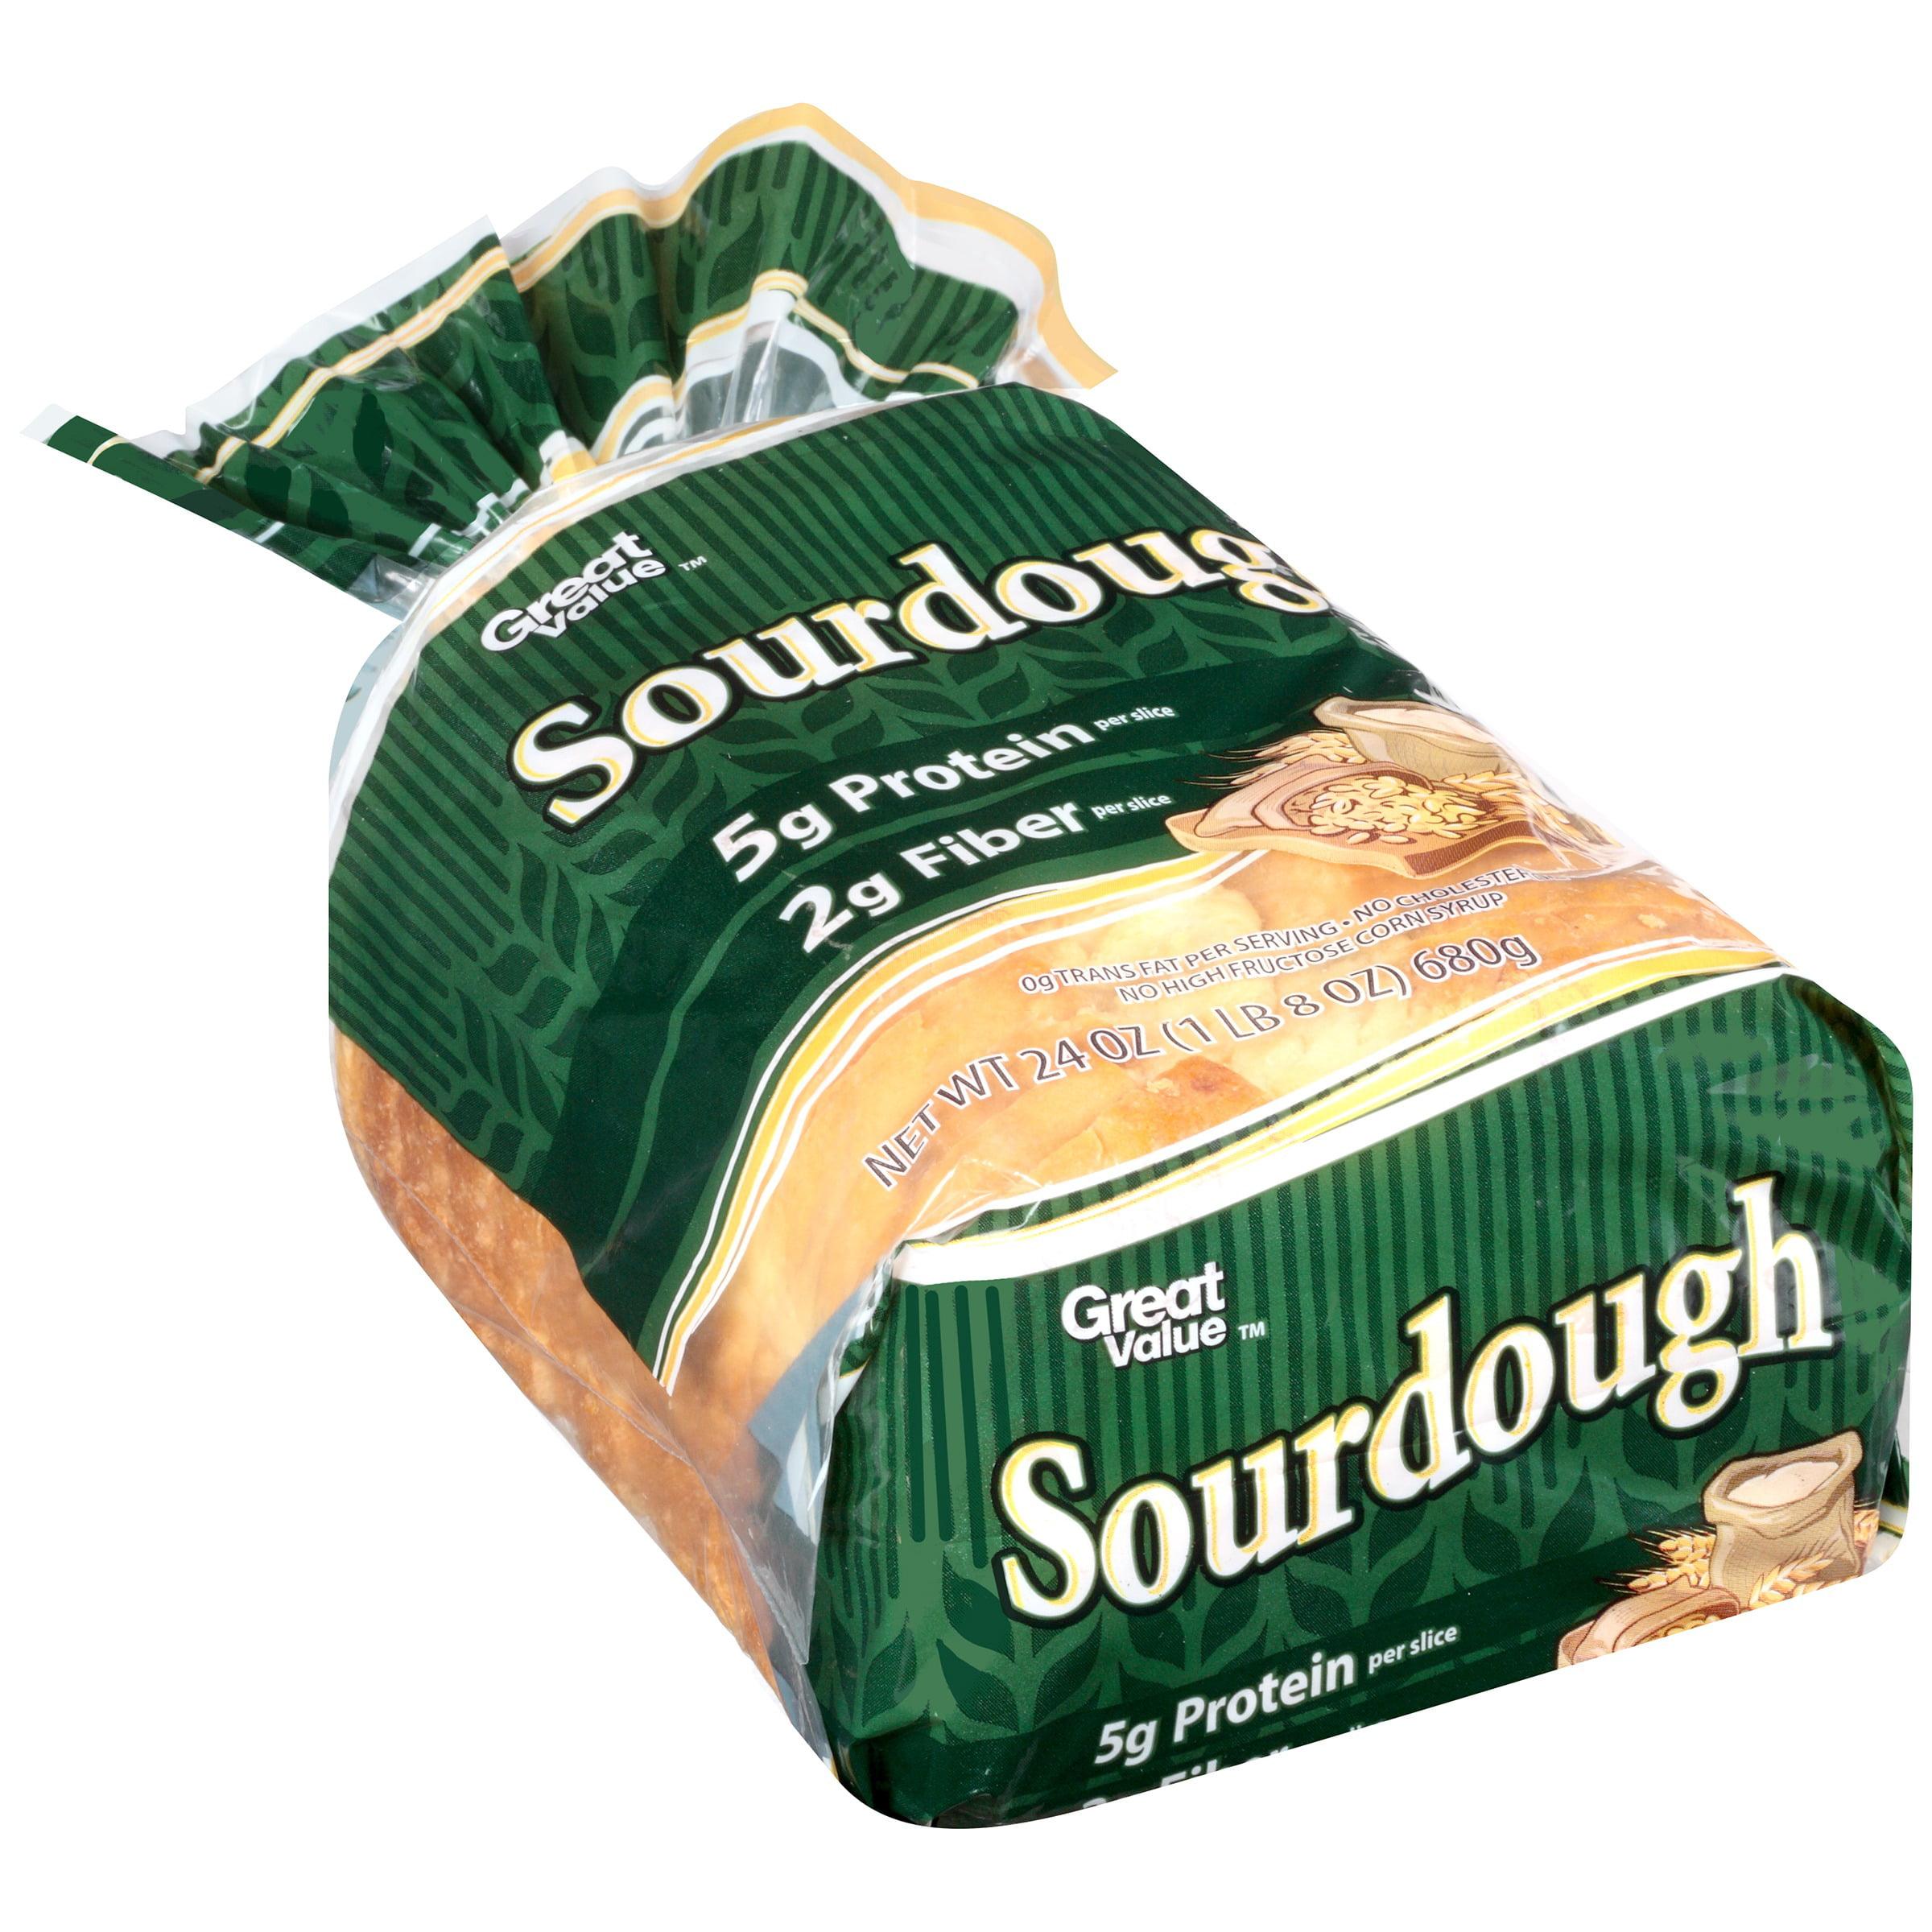 Great Value Sourdough Bread, 24 oz